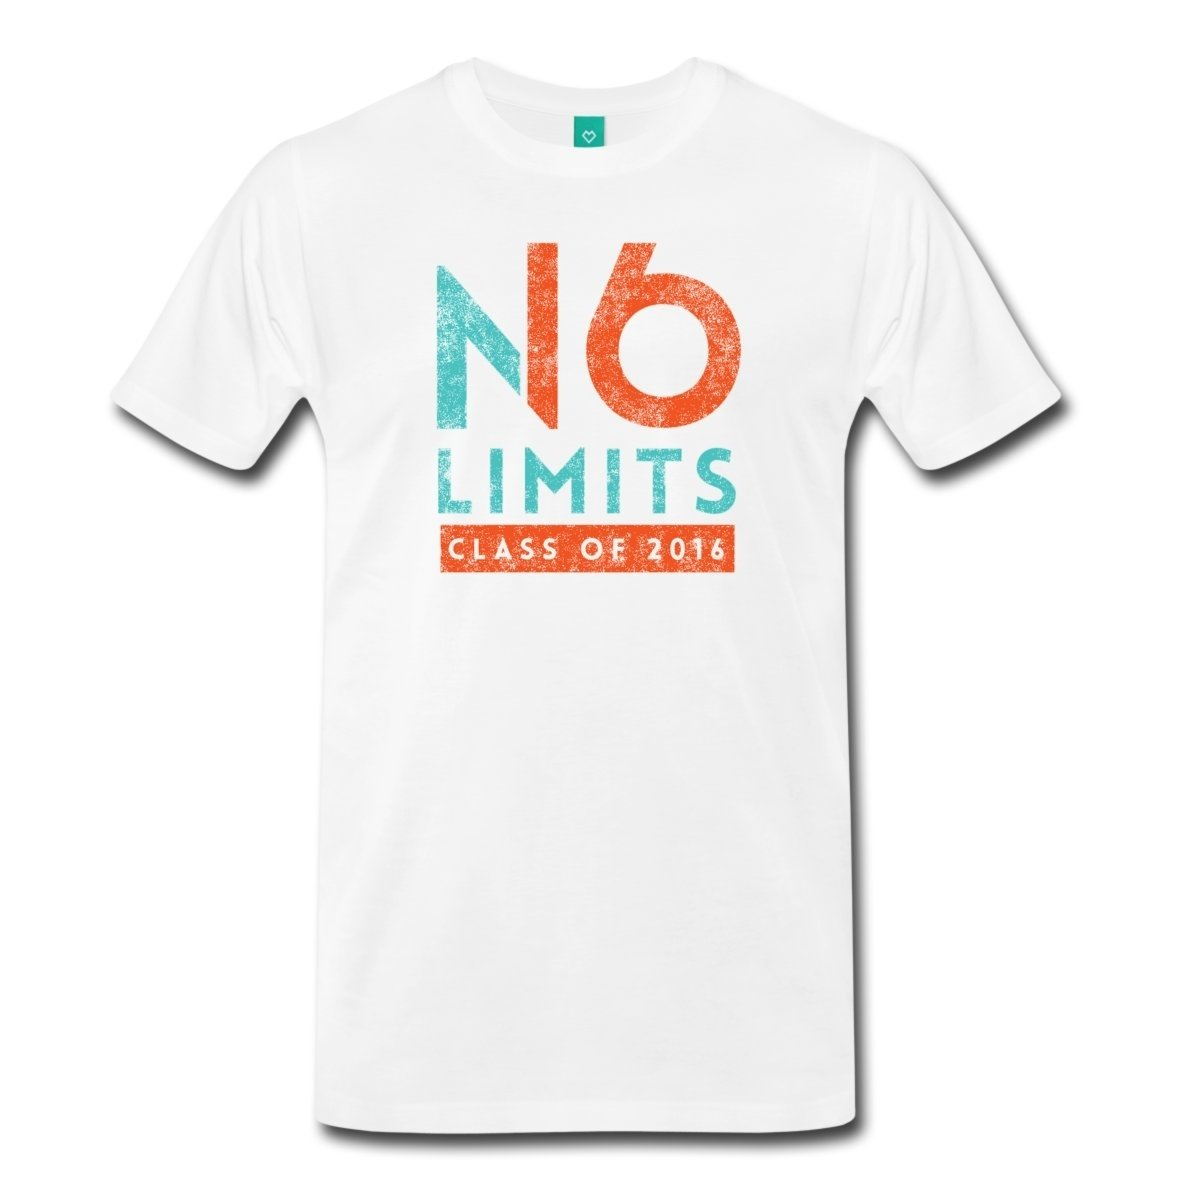 10 Stunning Class Of 2016 Shirt Ideas class of 2016 no limits t shirt spreadshirt senior year 2020